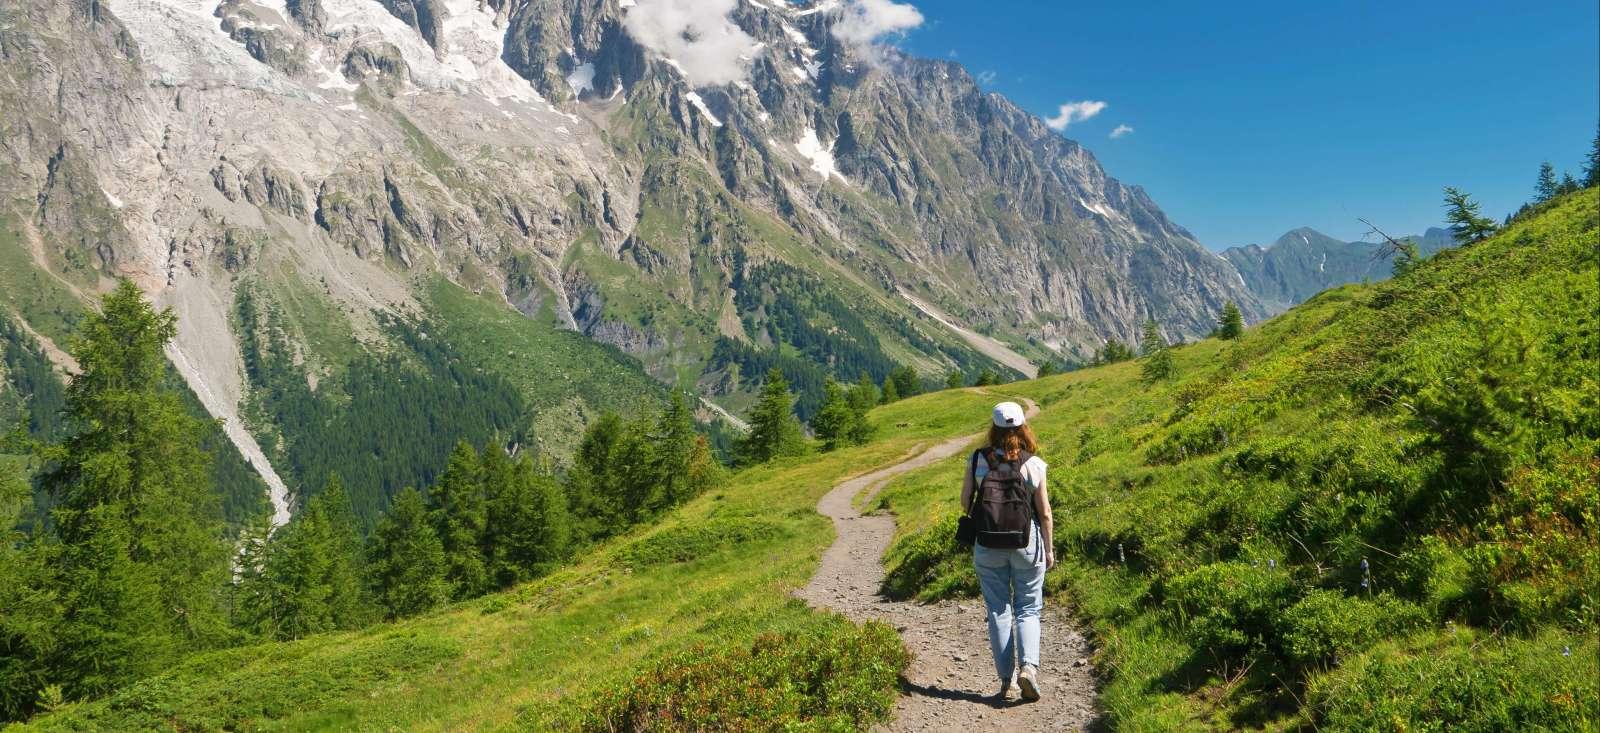 Voyage à pied : Le Tour du Mont Blanc (confort)